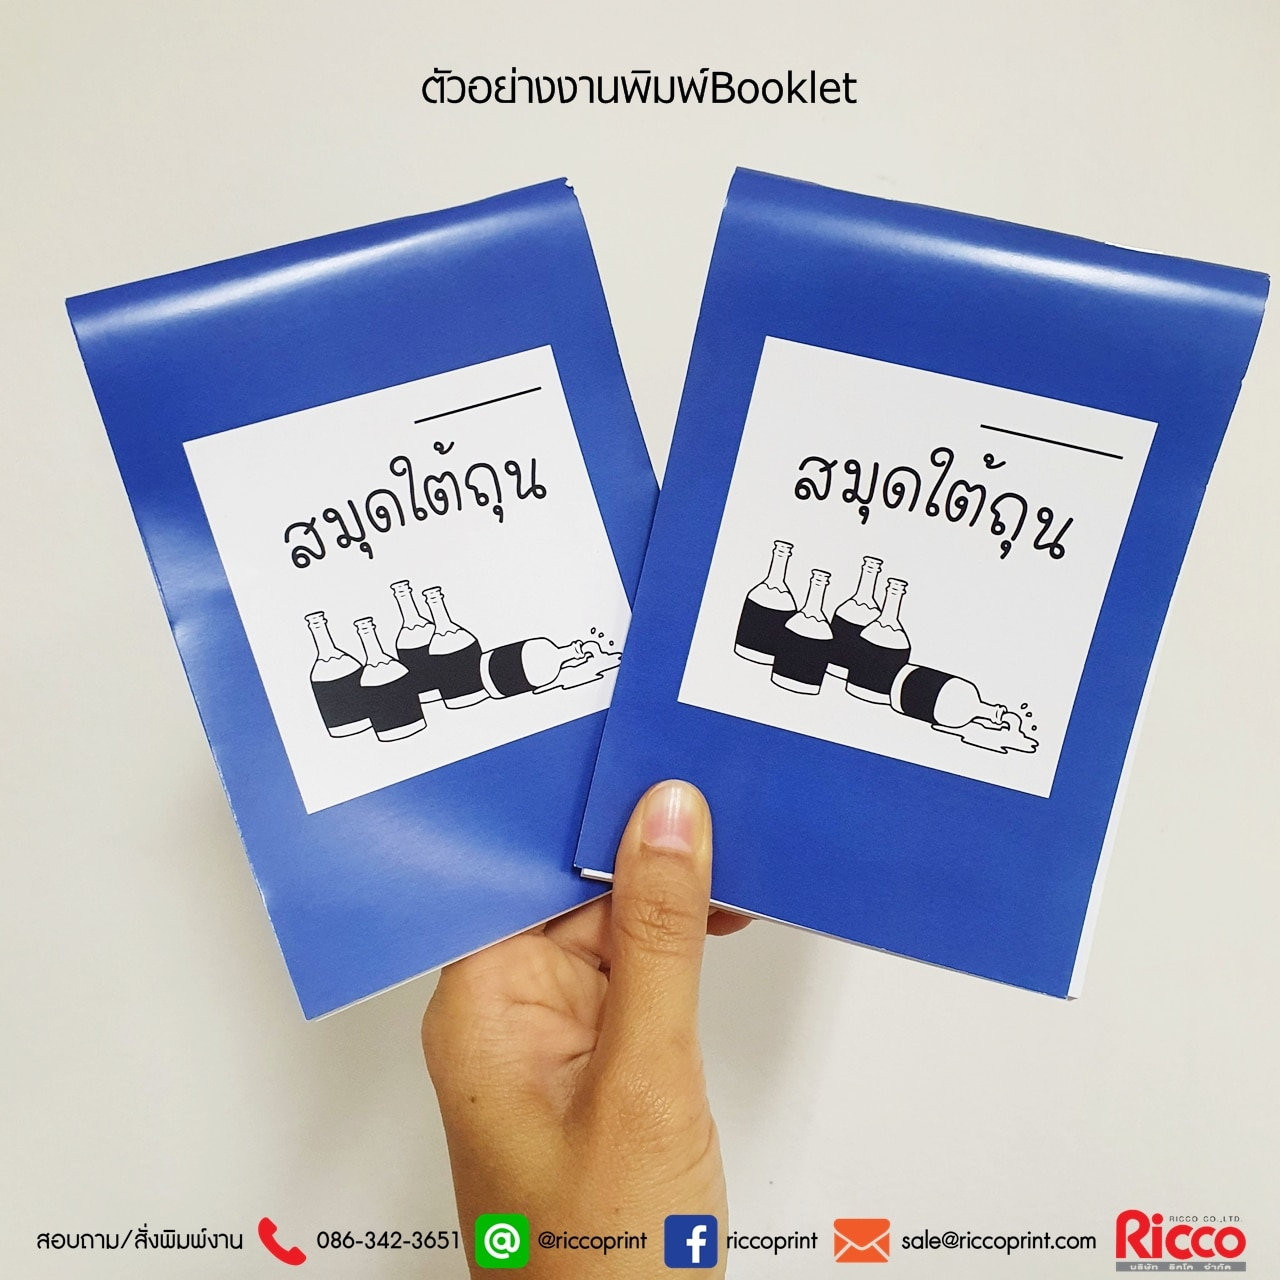 รูป Booklet 2020 04 - ประกอบเนื้อหา หนังสือ คู่มือ Booklet